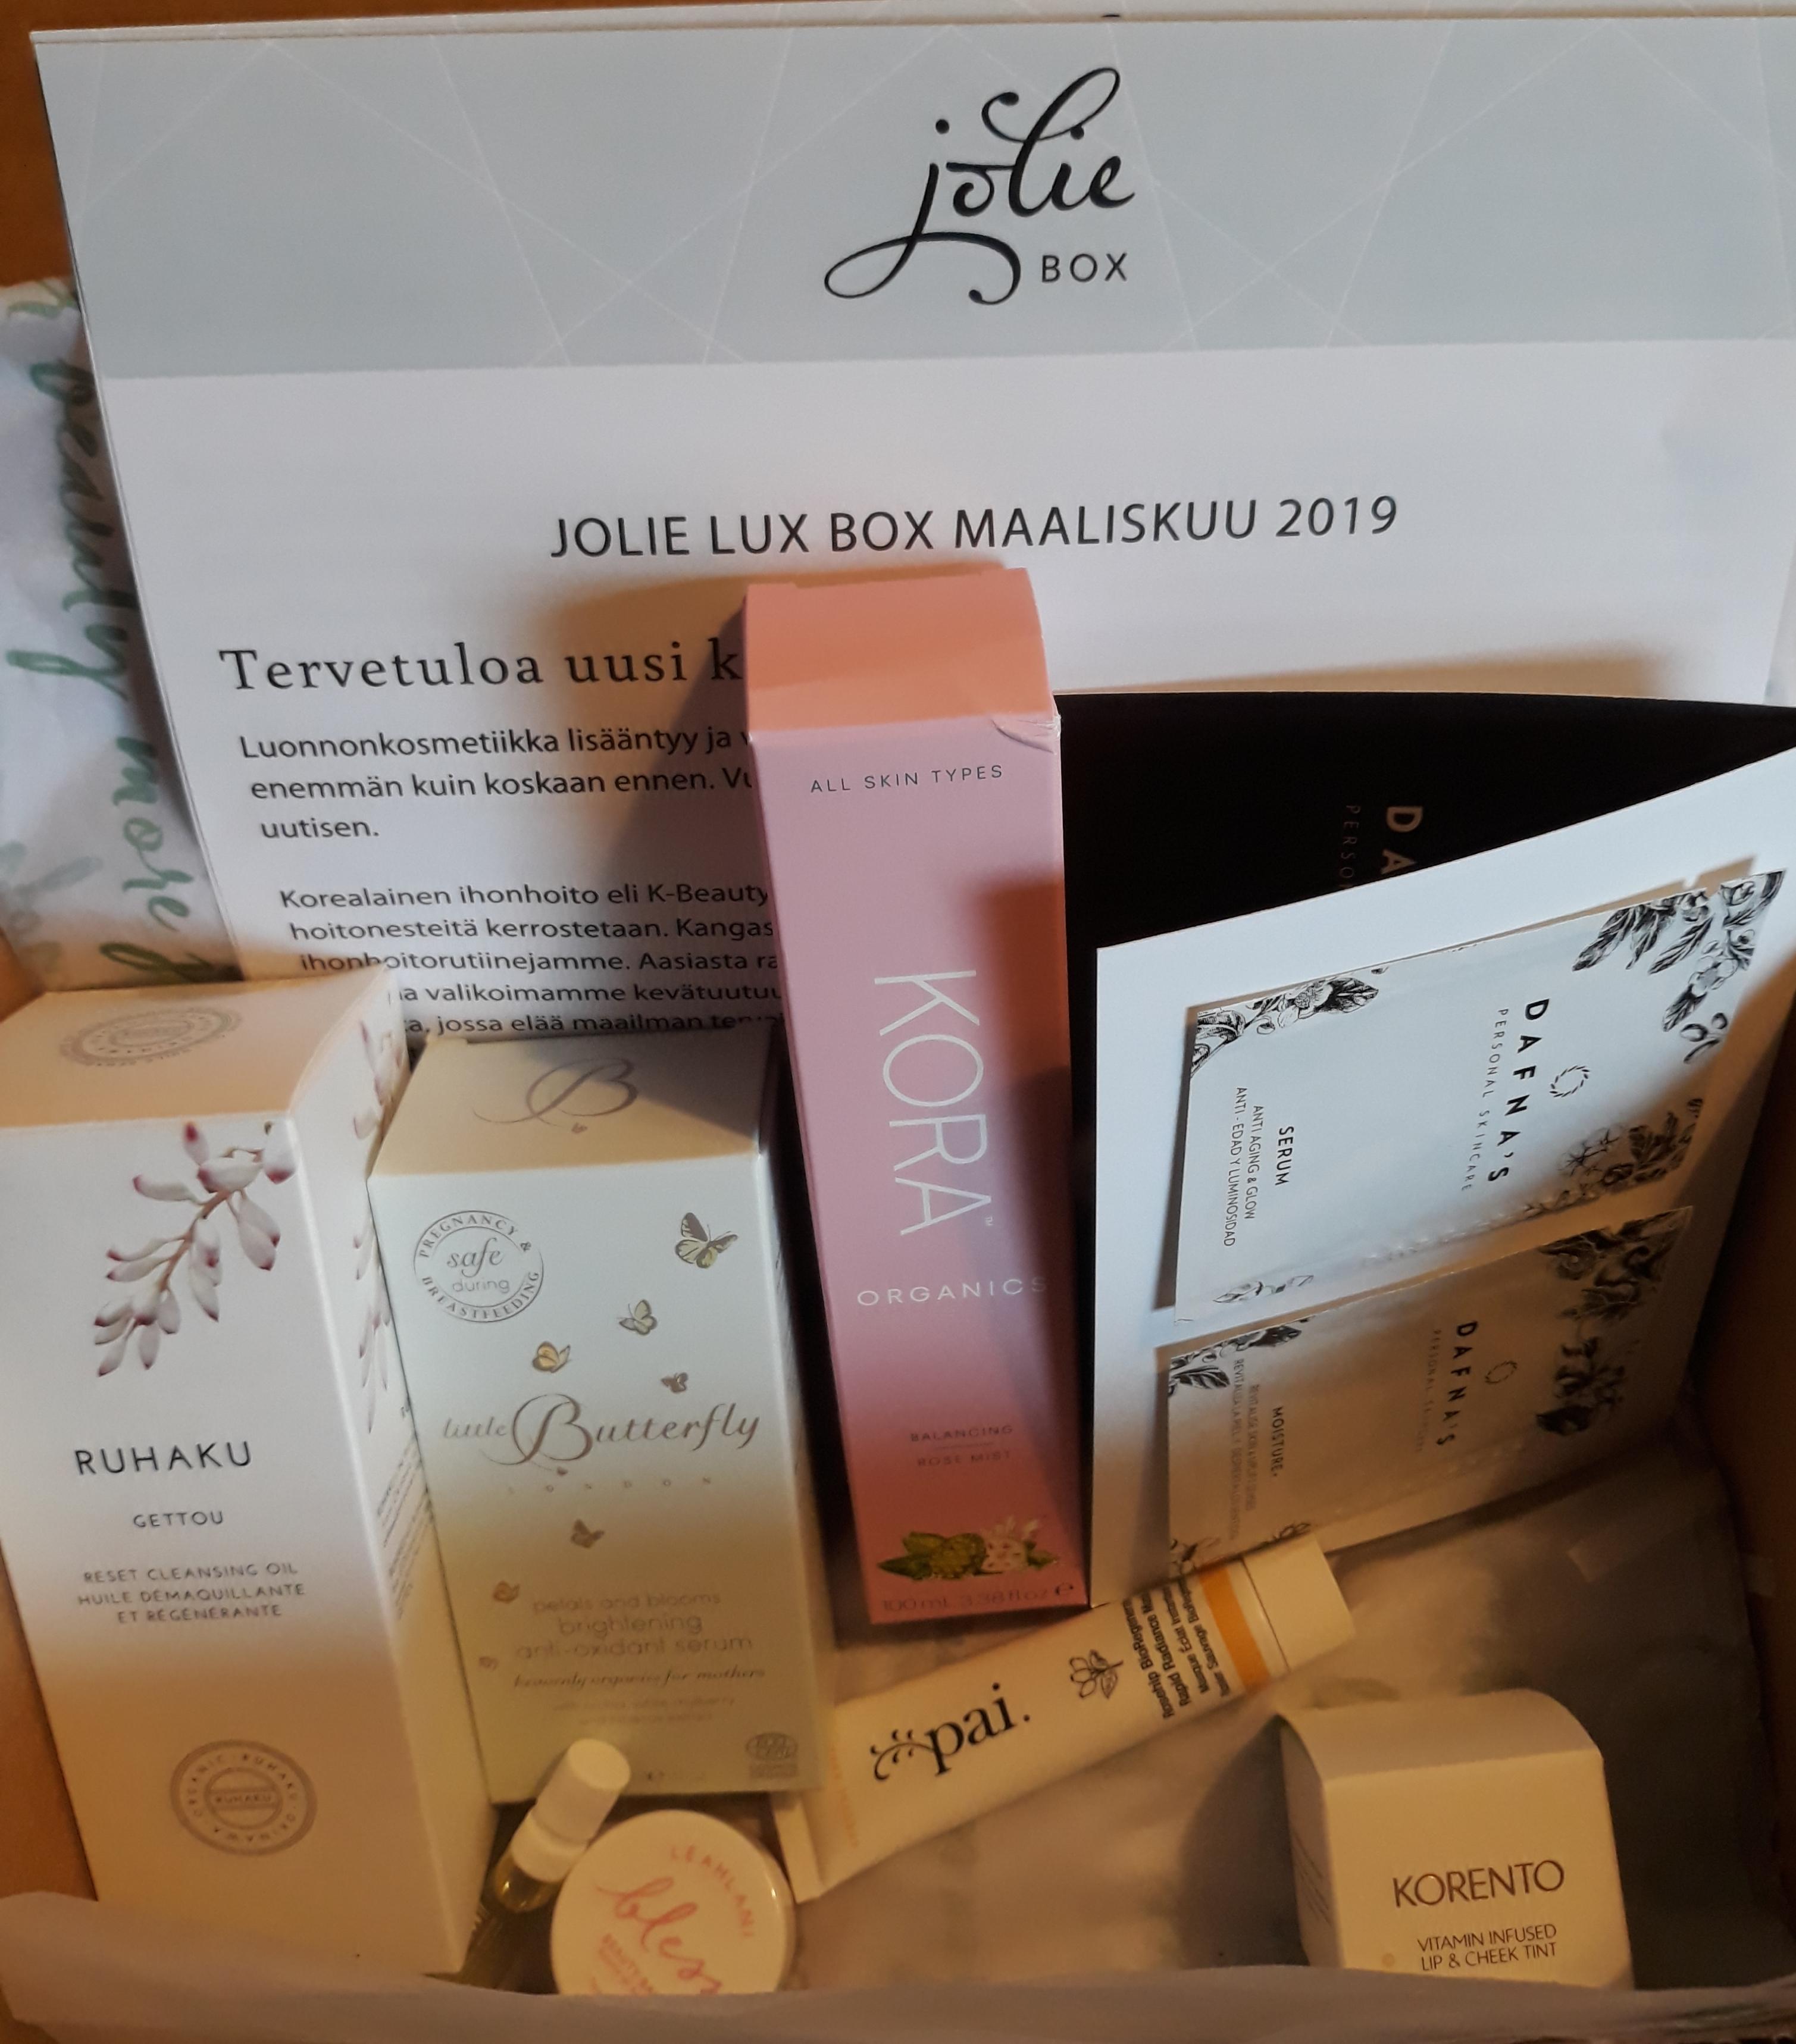 Jolie lux box maaliskuu 2019